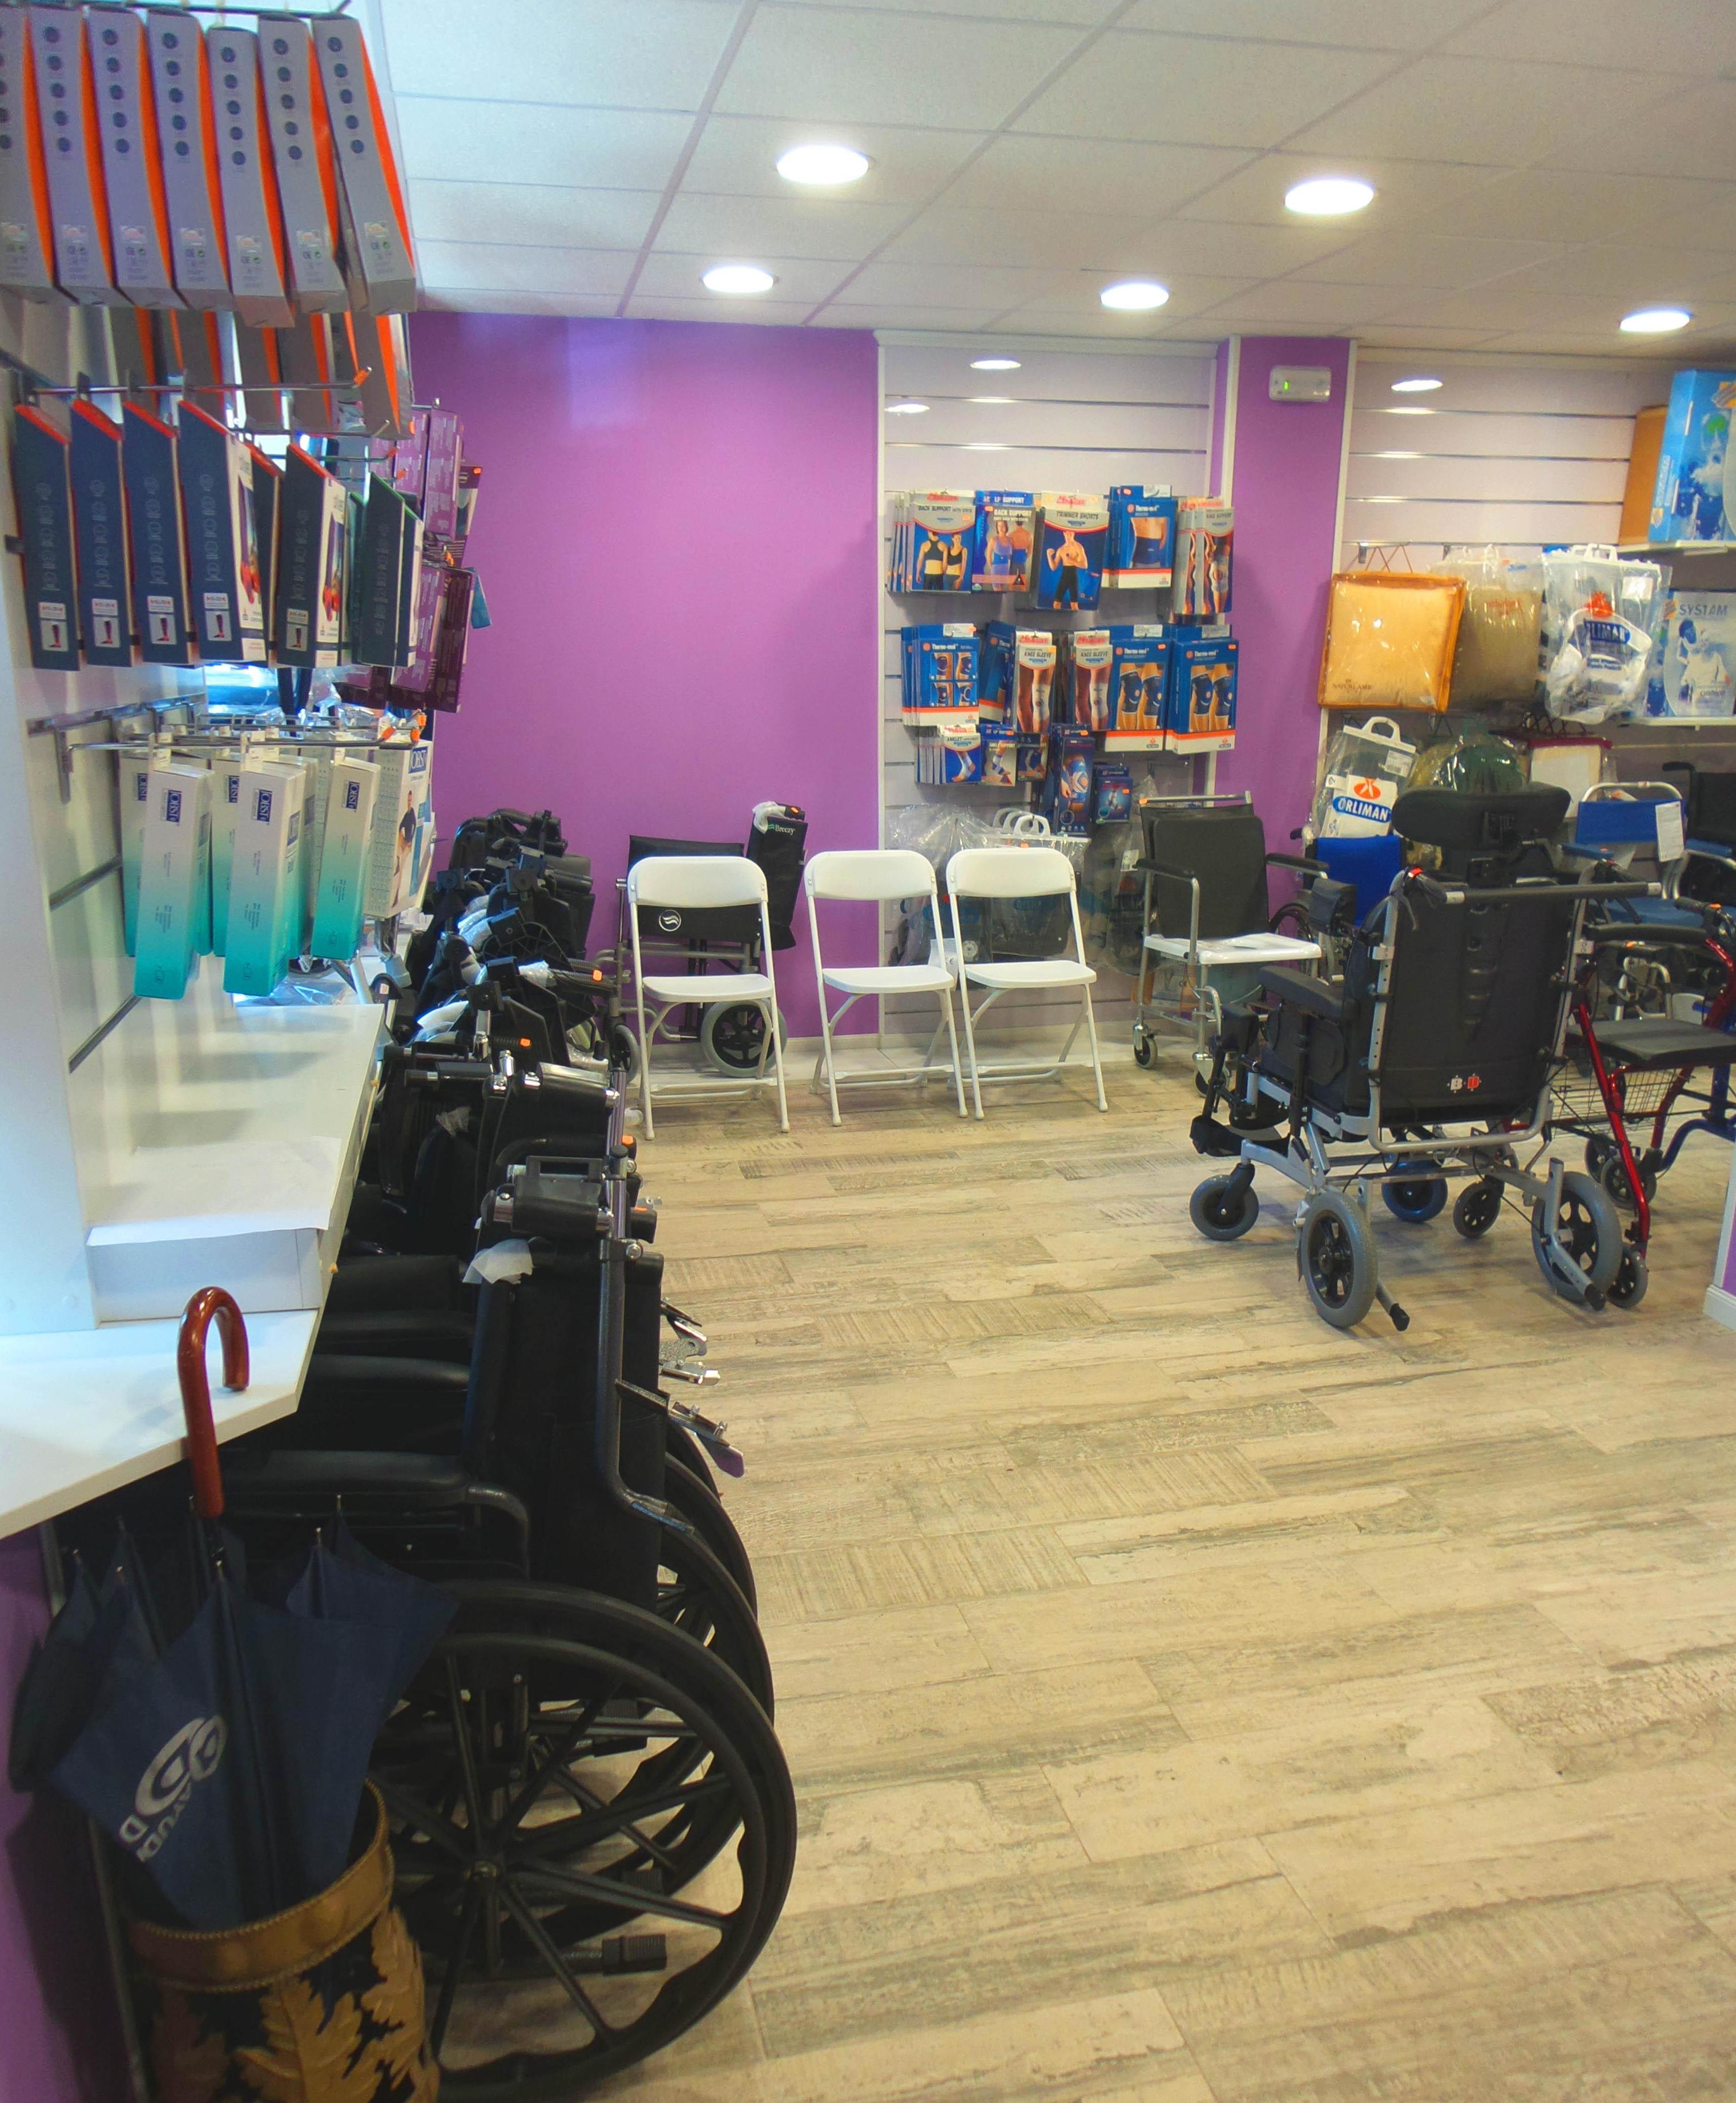 Alquiler y venta de sillas de ruedas, eléctricas y manuales